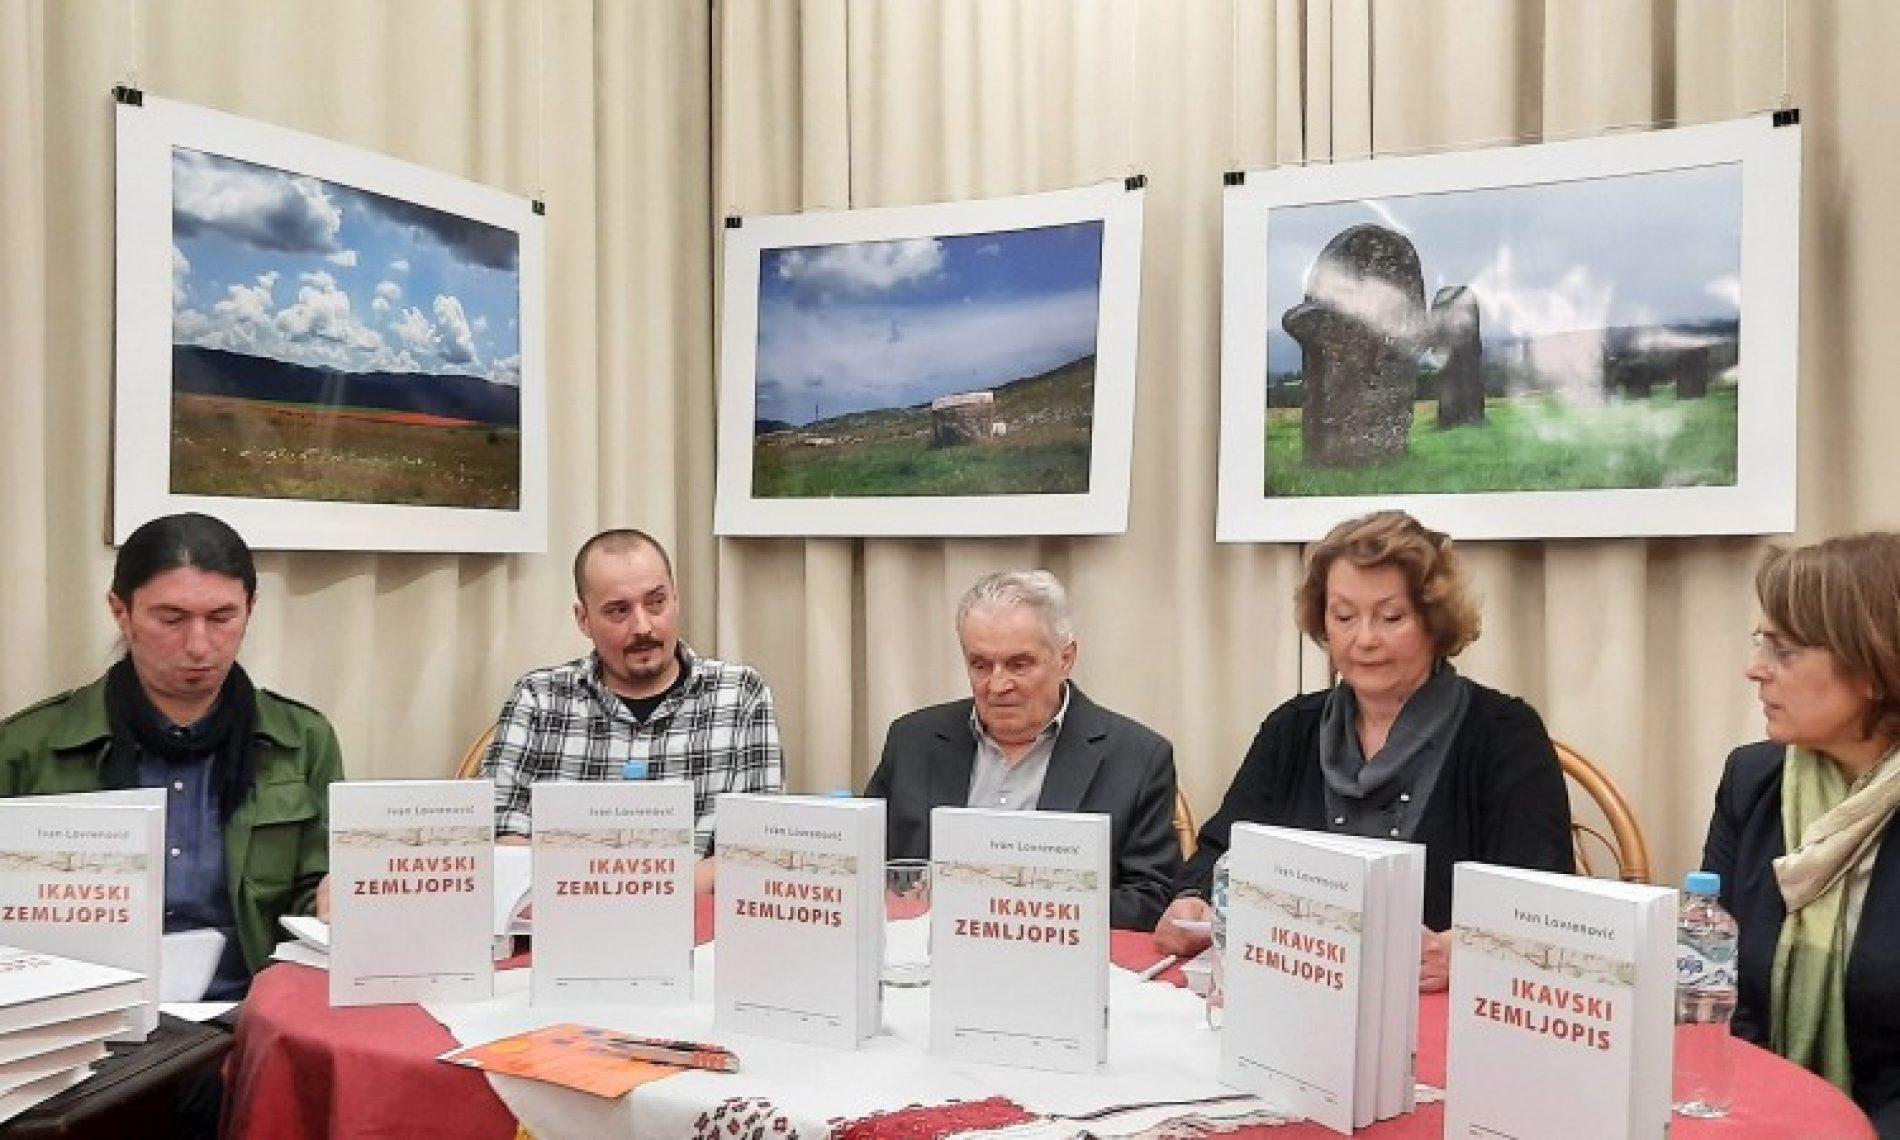 'Ikavski zemljopis' istinski zapis o Bosni i njenom identitetu